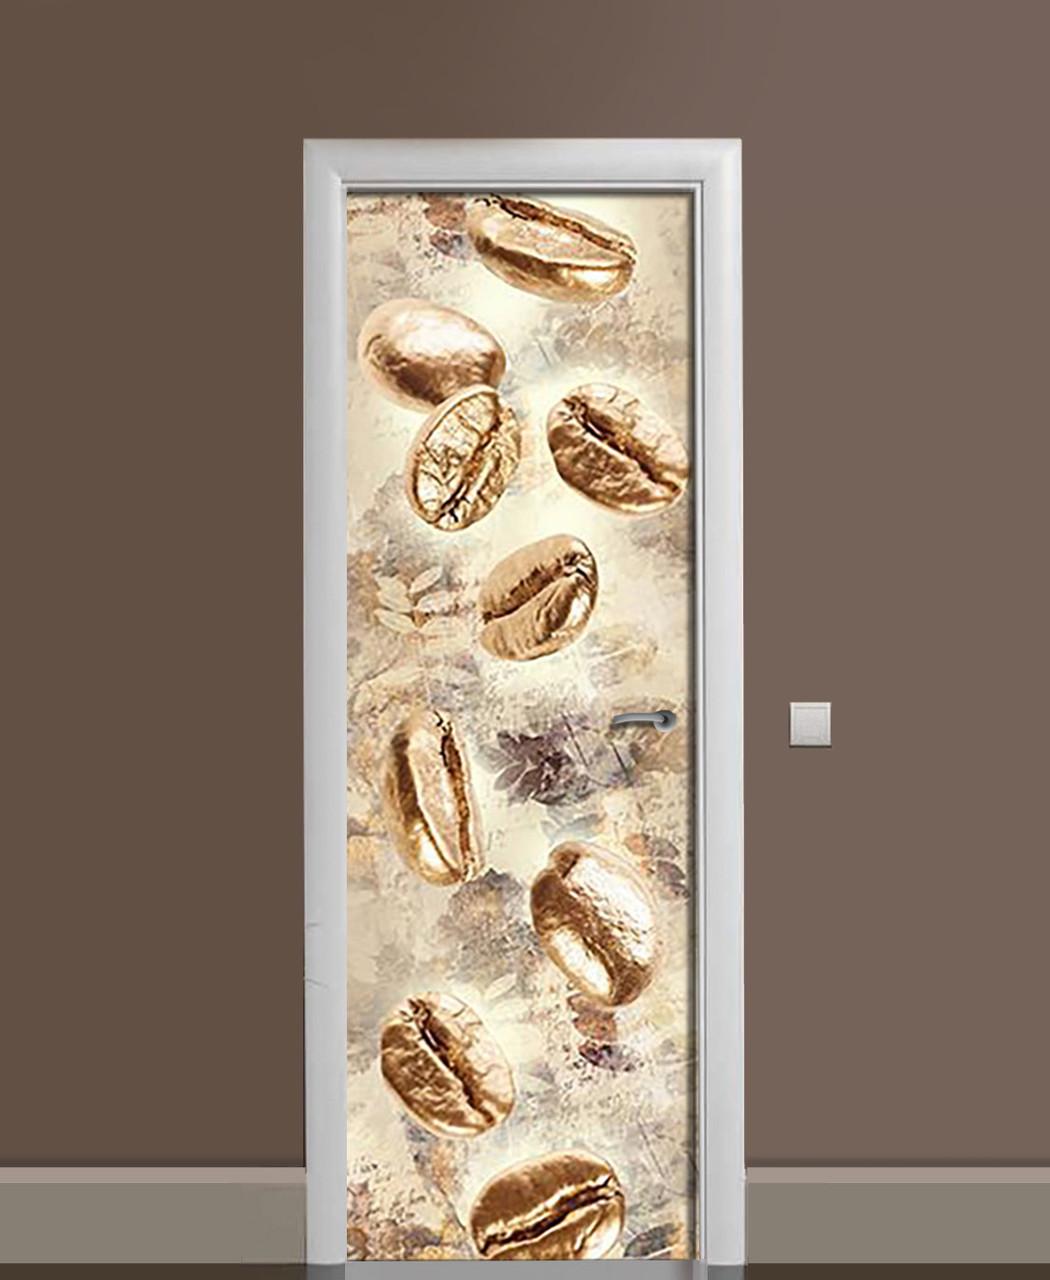 Декор двери Наклейка виниловая Золото Африки кофейные зерна кофе ПВХ пленка 65*200см кофе Еда Бежевый